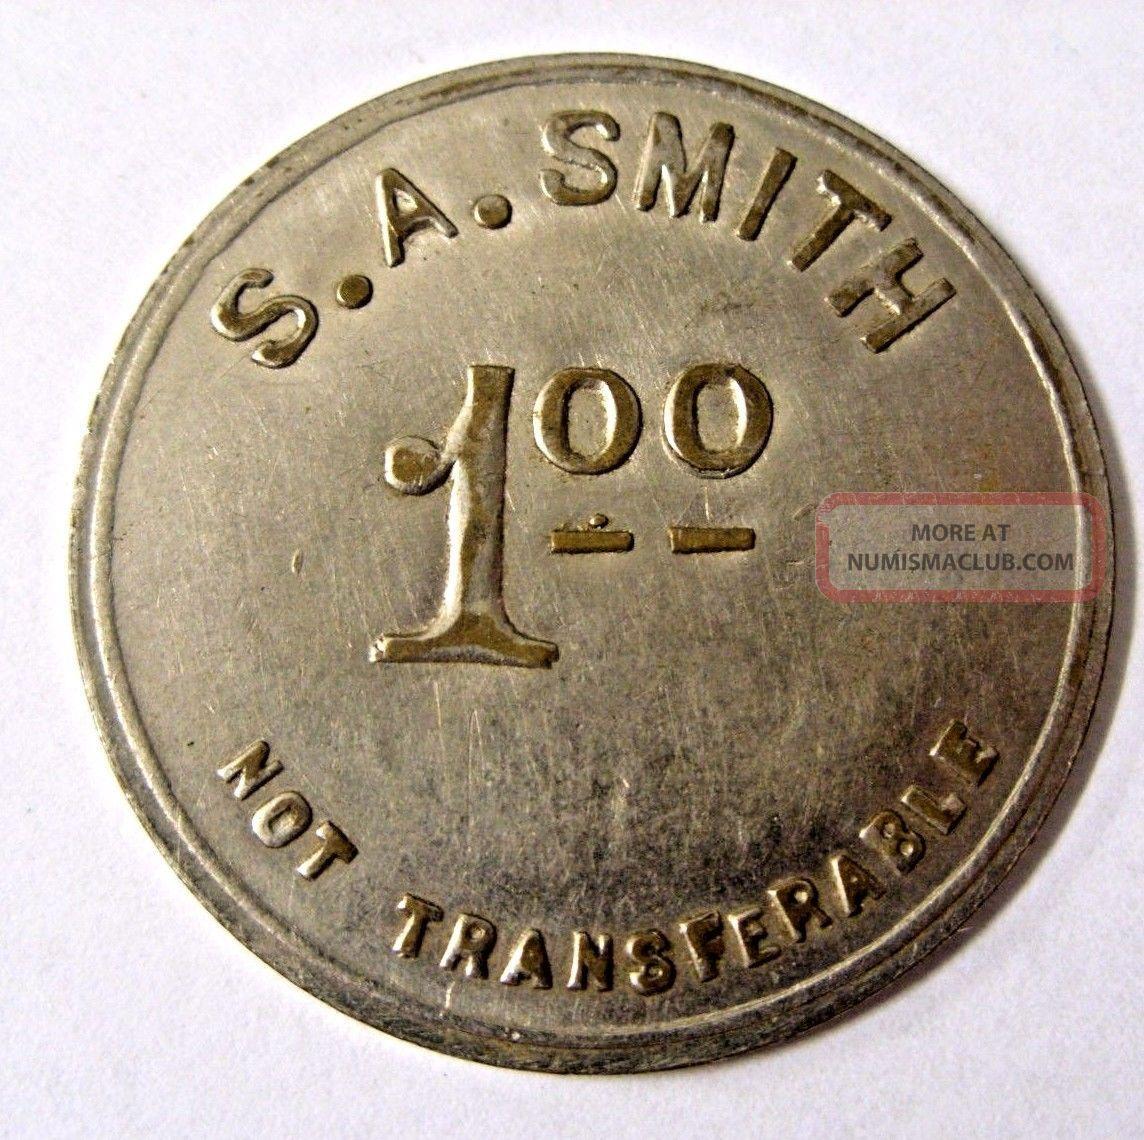 Circa 1915 Pat.  April 7th 1914 / S.  A.  Smith Token 1 Ingle System Virginia Baker Exonumia photo